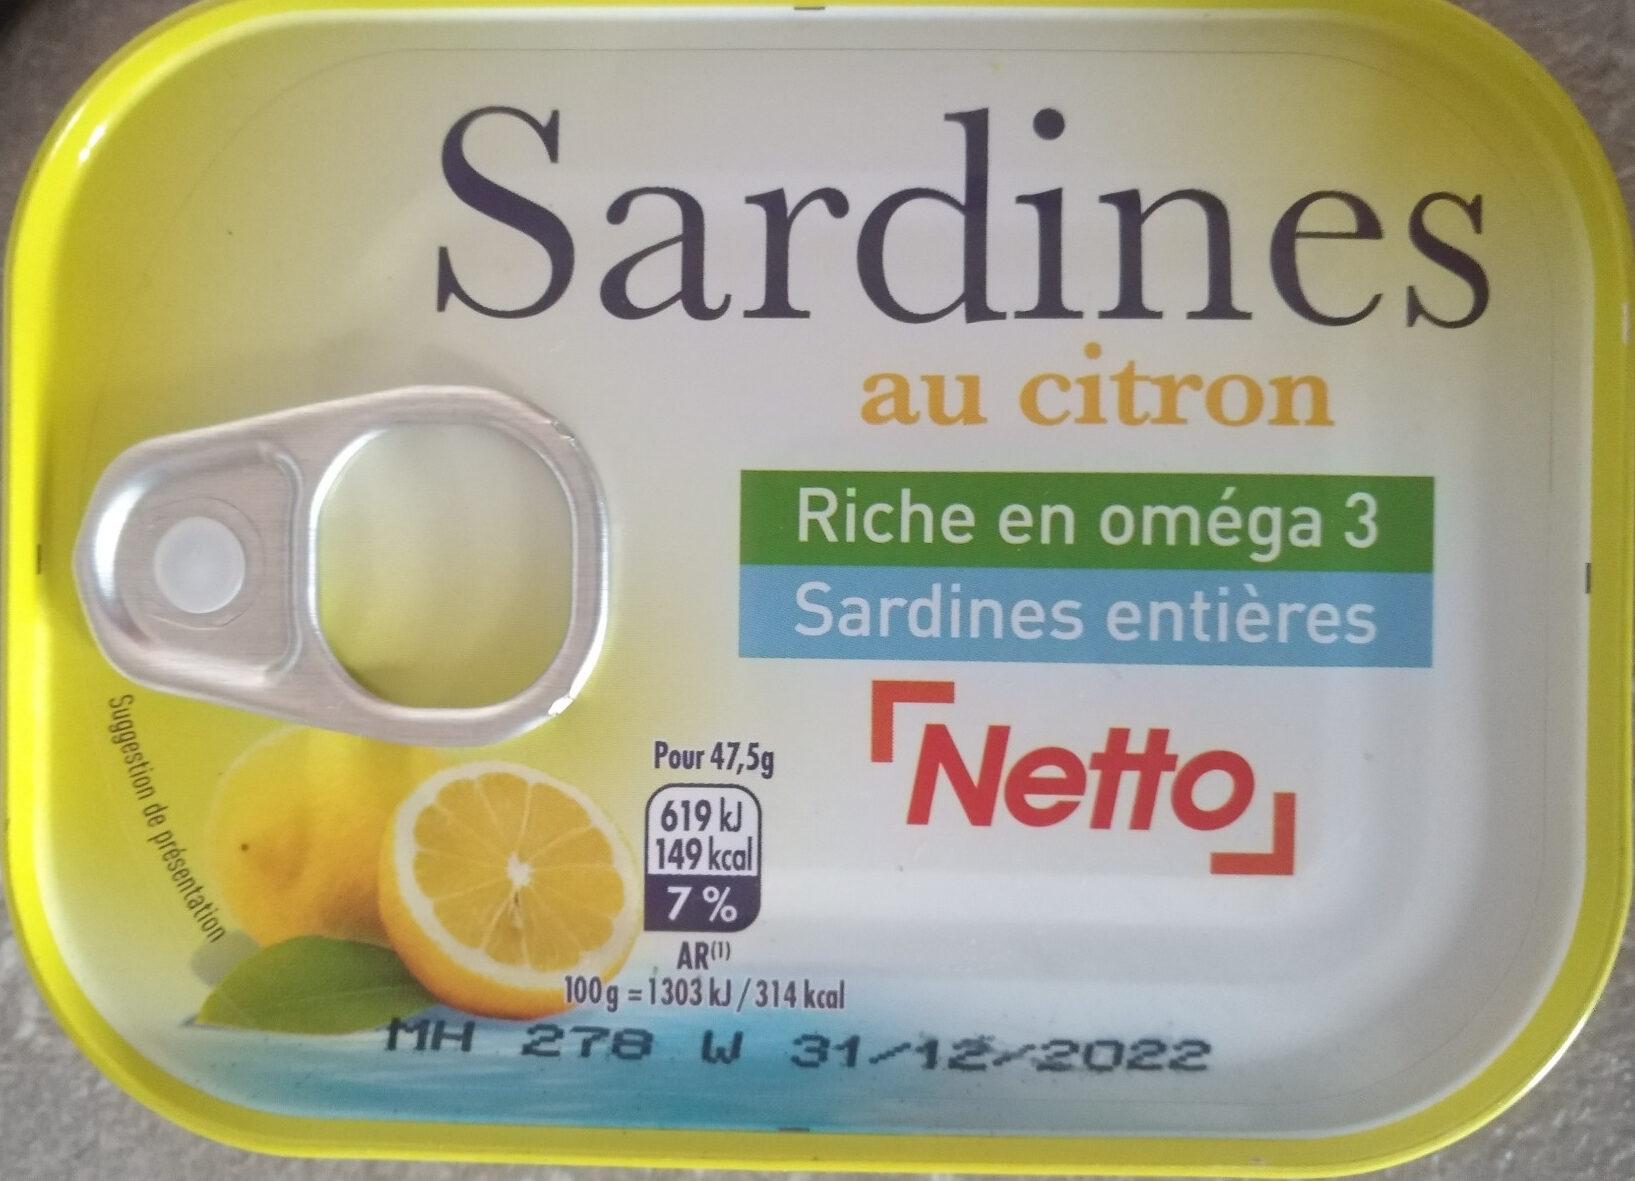 Sardines au citron - Produit - fr